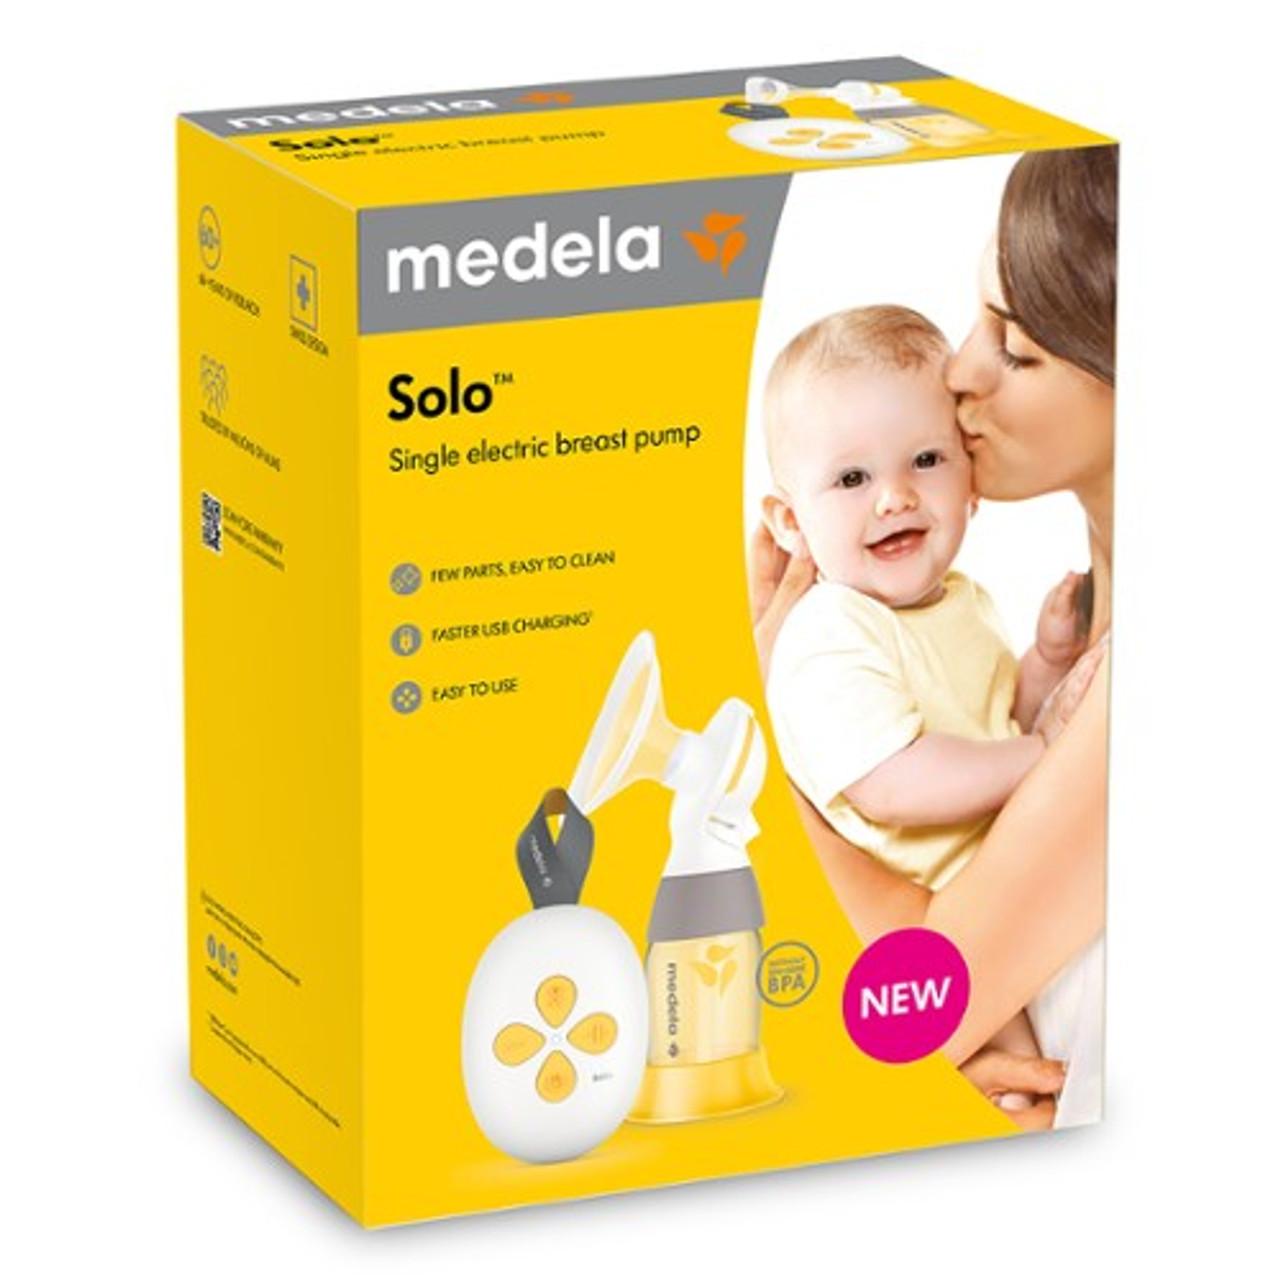 Medela Solo Single Electric Breastpump at Baby Barn Discounts